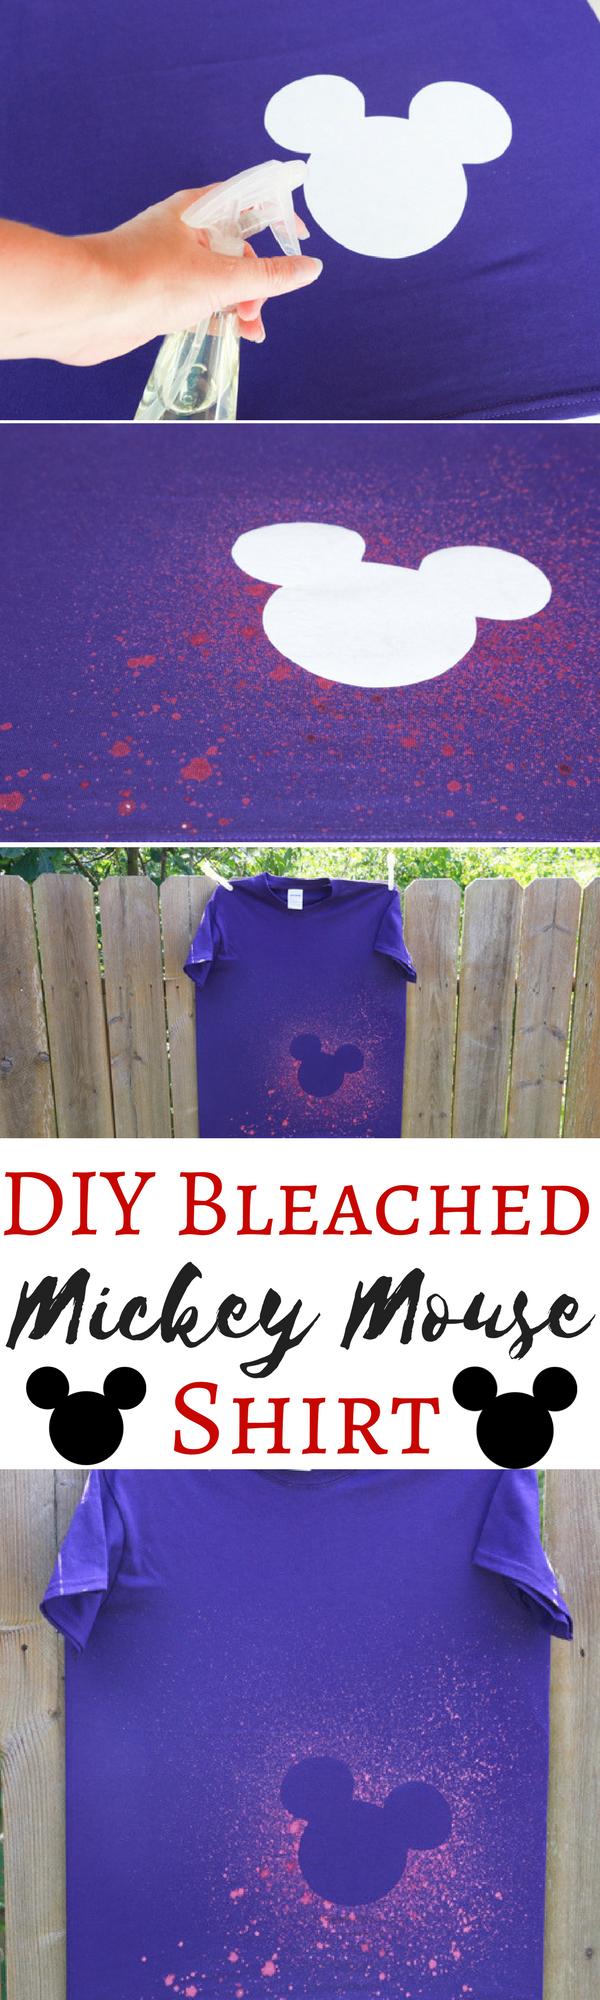 跳过迪斯尼假期的定价过高的衬衫,在离开之前自己创建自己的衬衫。这个DIY漂白米老鼠衬衫效果很好,很容易制作!